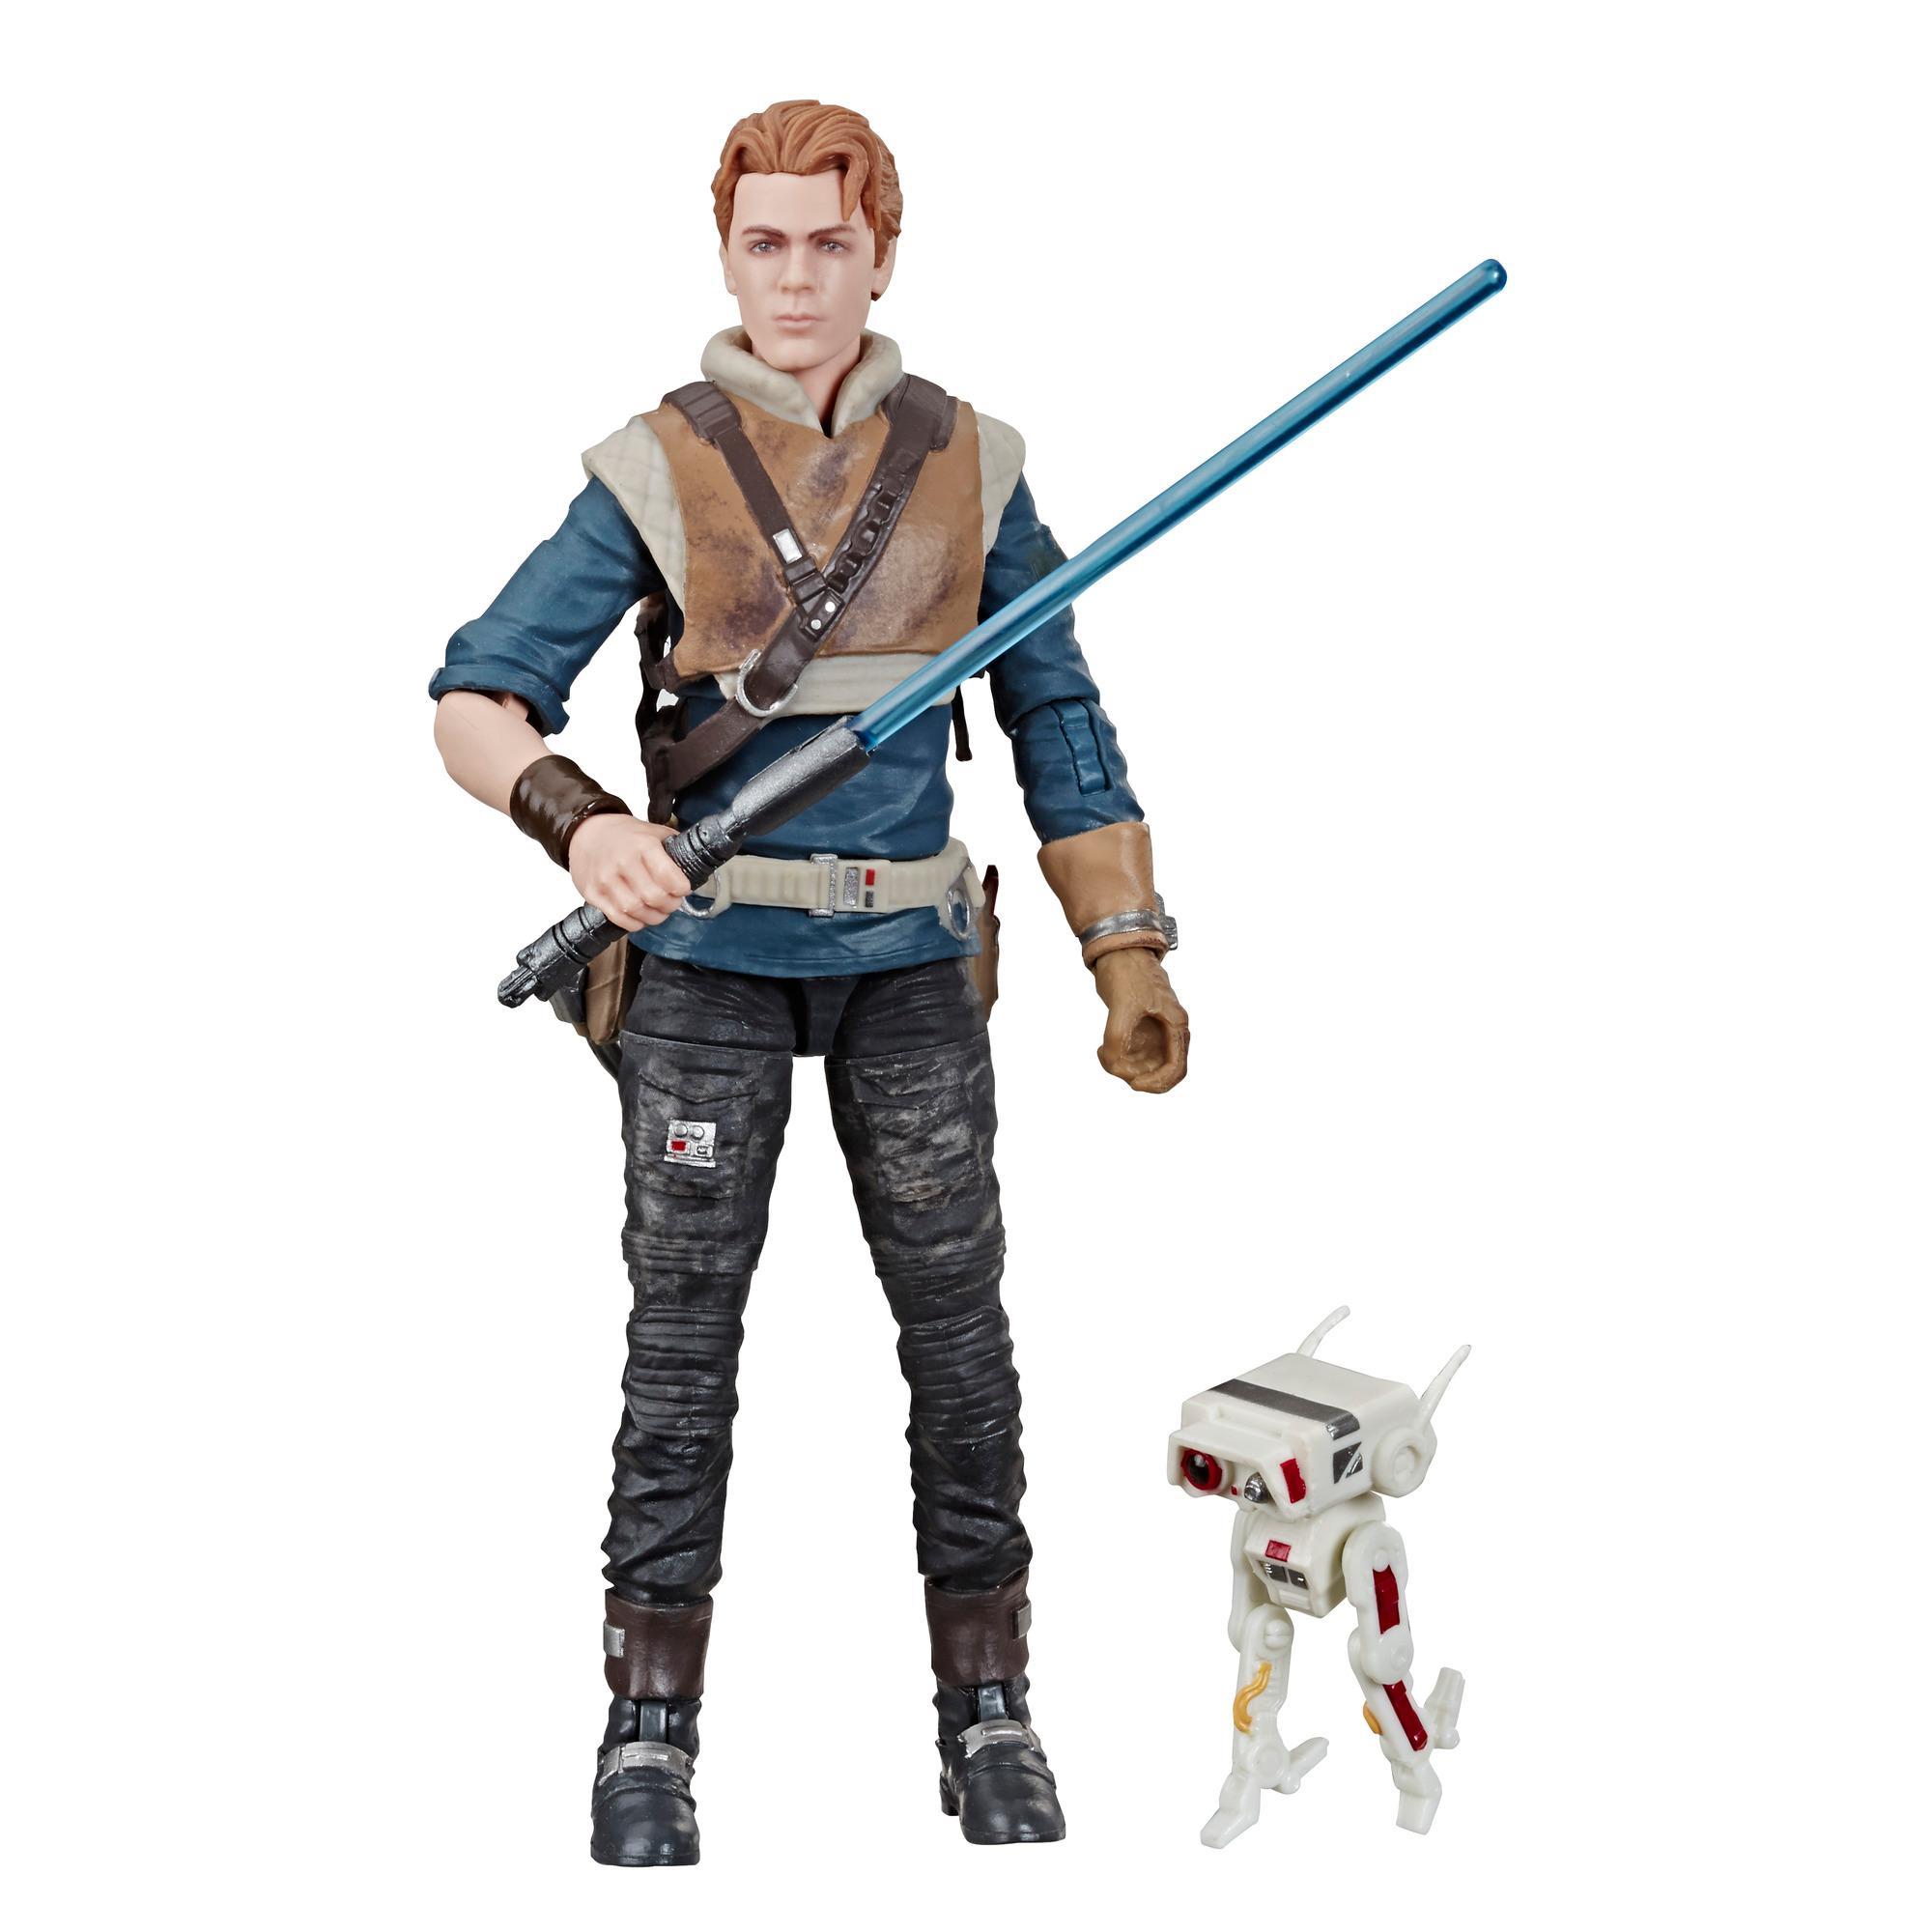 Star Wars The Black Series, figurine articulée Cal Kestis de 15 cm de Star Wars Jedi : Fallen Order, à partir de 4 ans